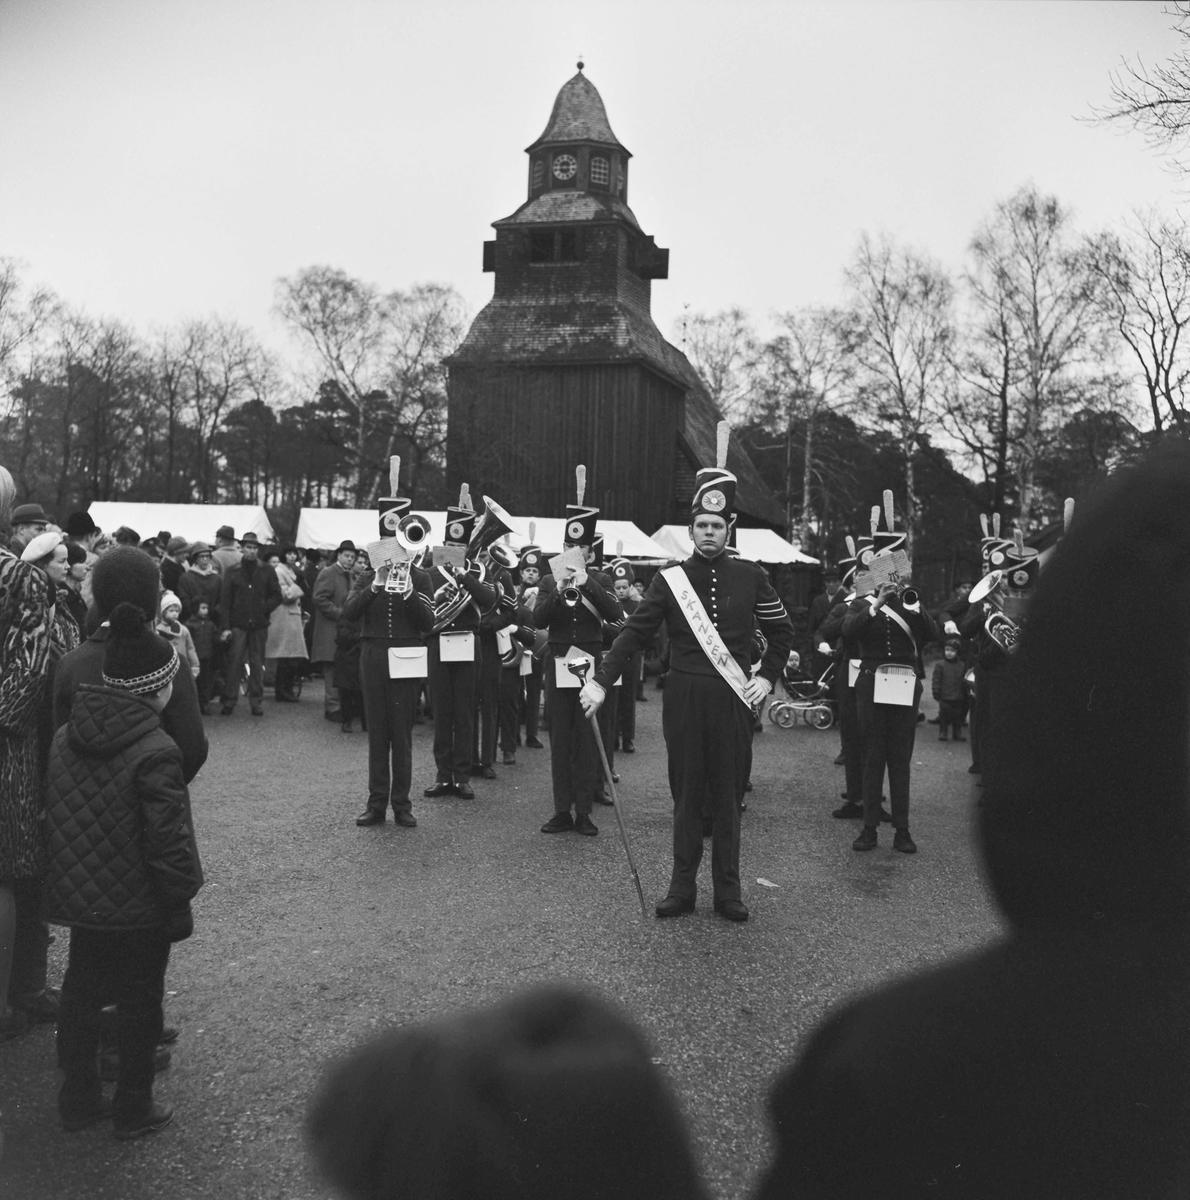 Skansens vaktparad . Julmarknad år 1966 på Skansen.